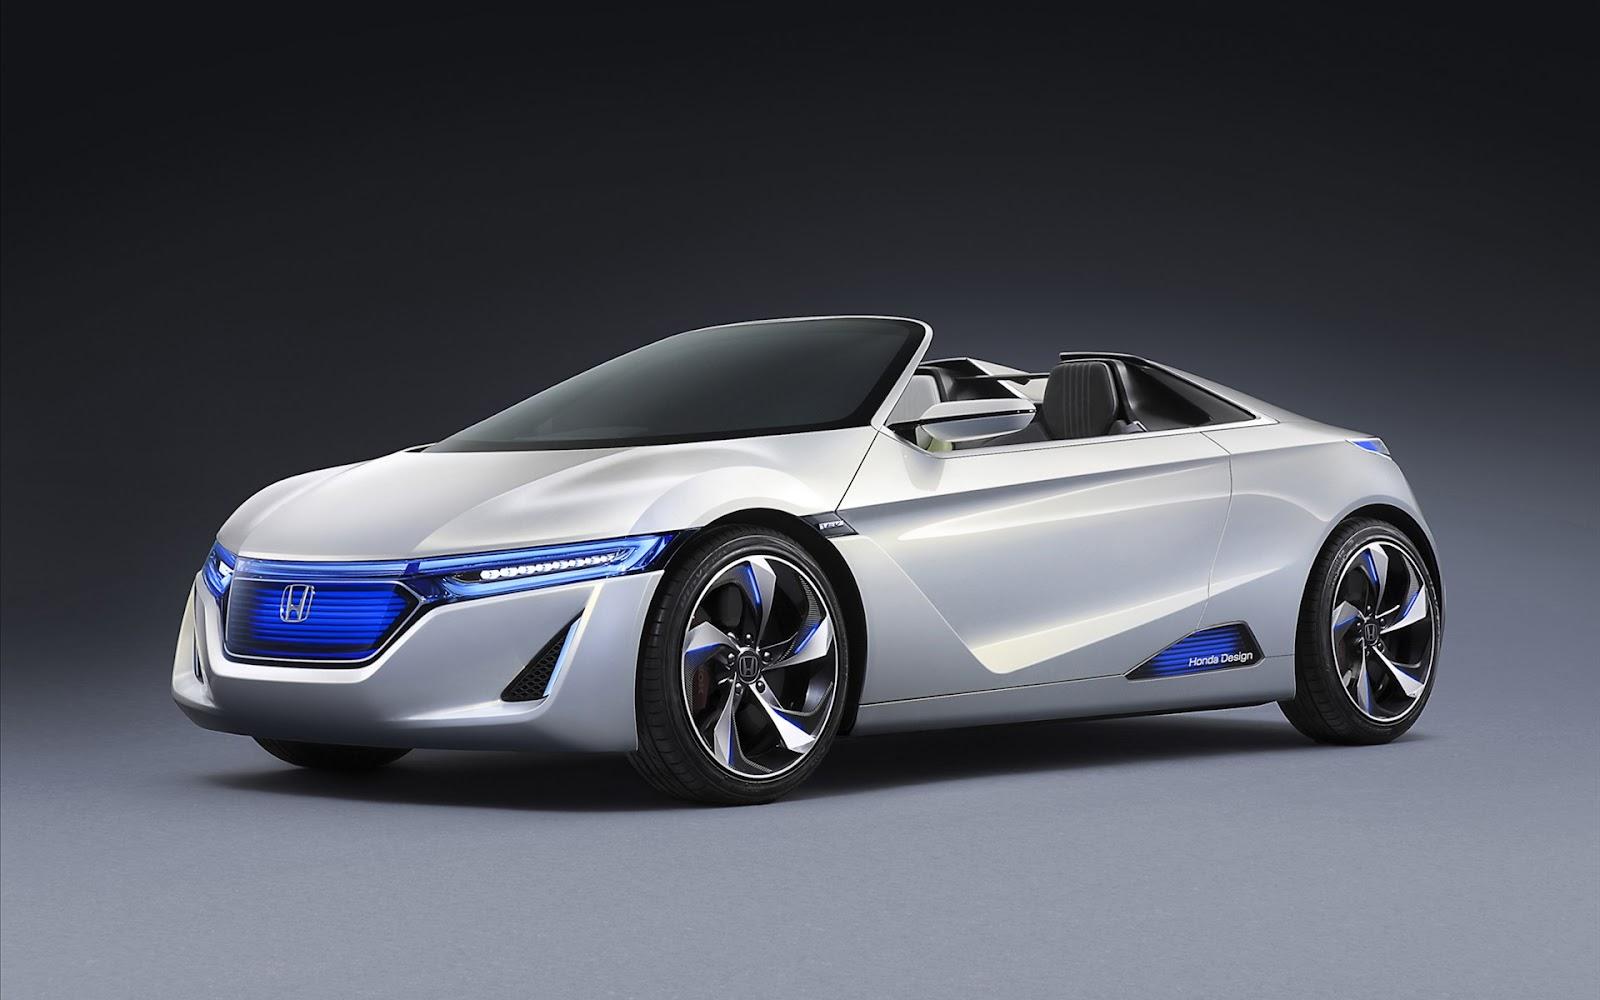 Hd new wallpaper honda concept car for Future honda cars